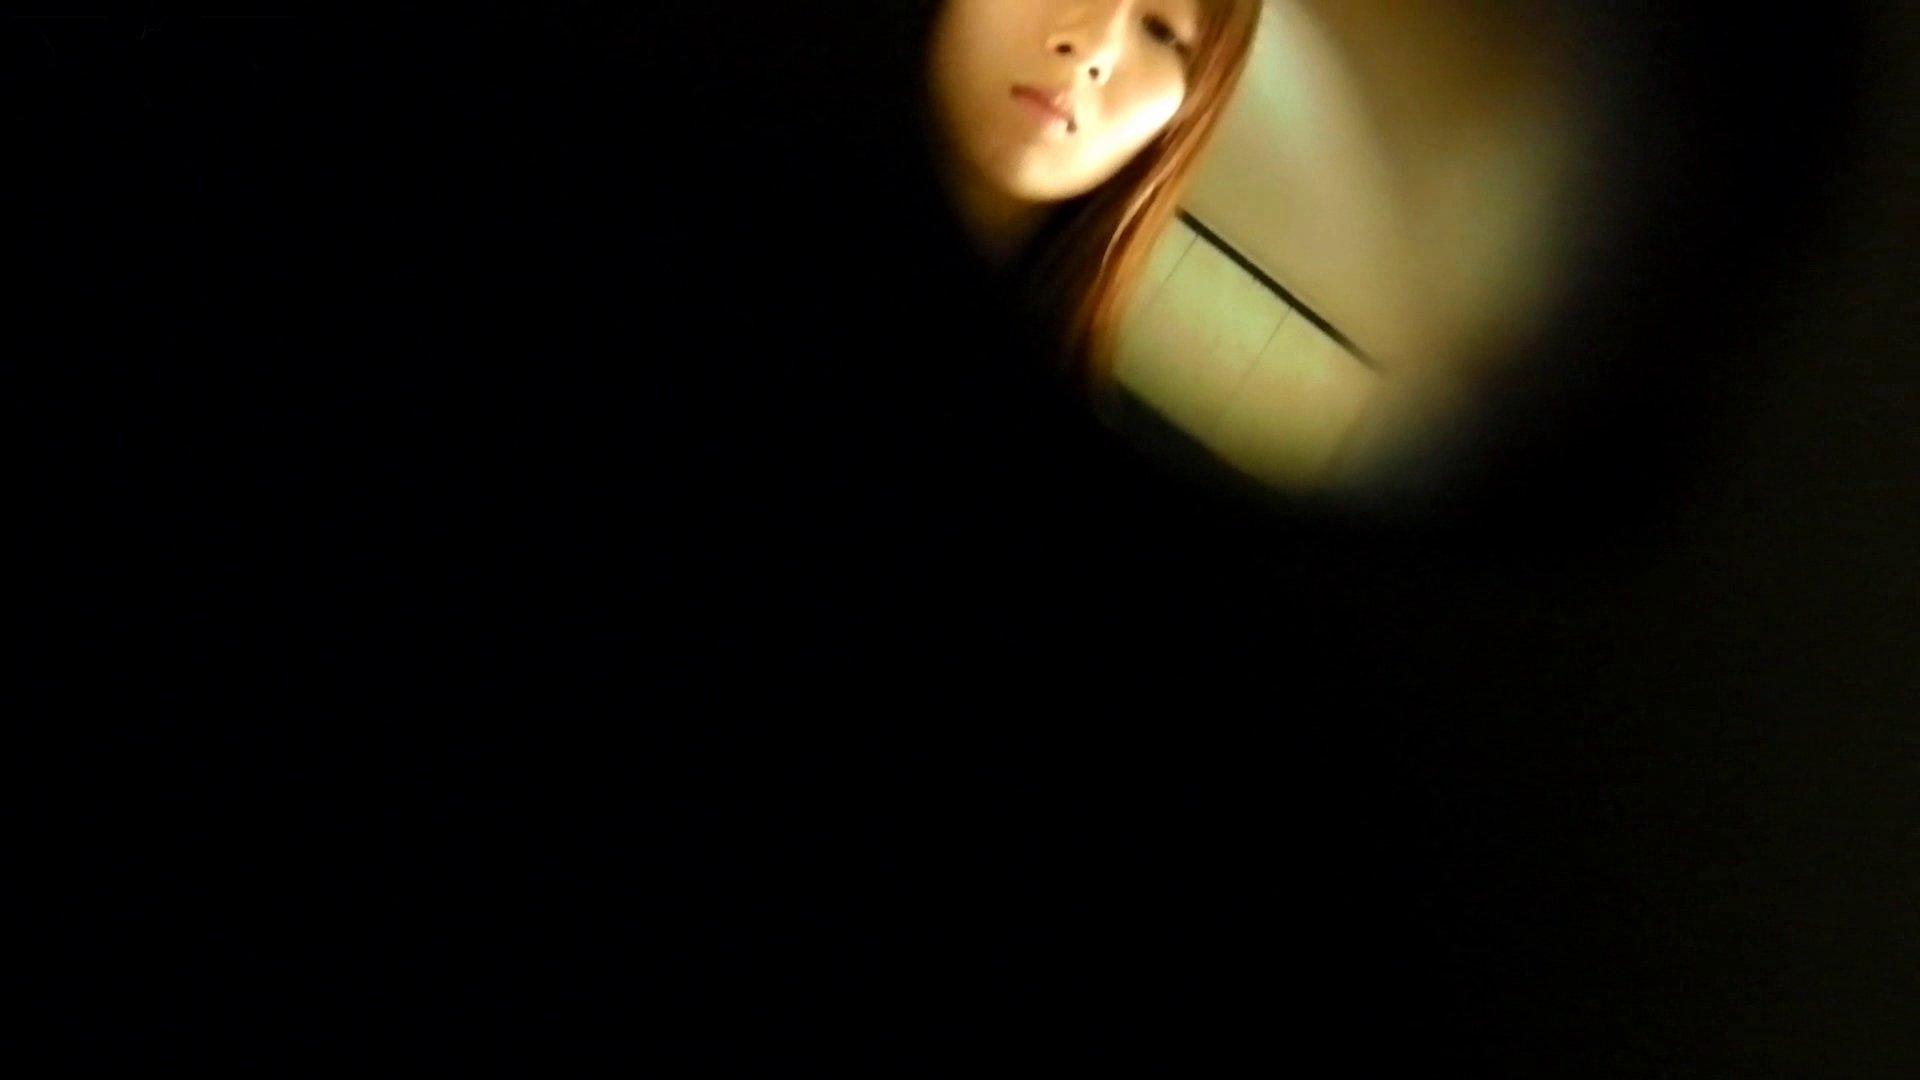 ステーション編 vol.28 無料動画に登場したモデルつい本番登場!! ギャル達 ワレメ動画紹介 99枚 62